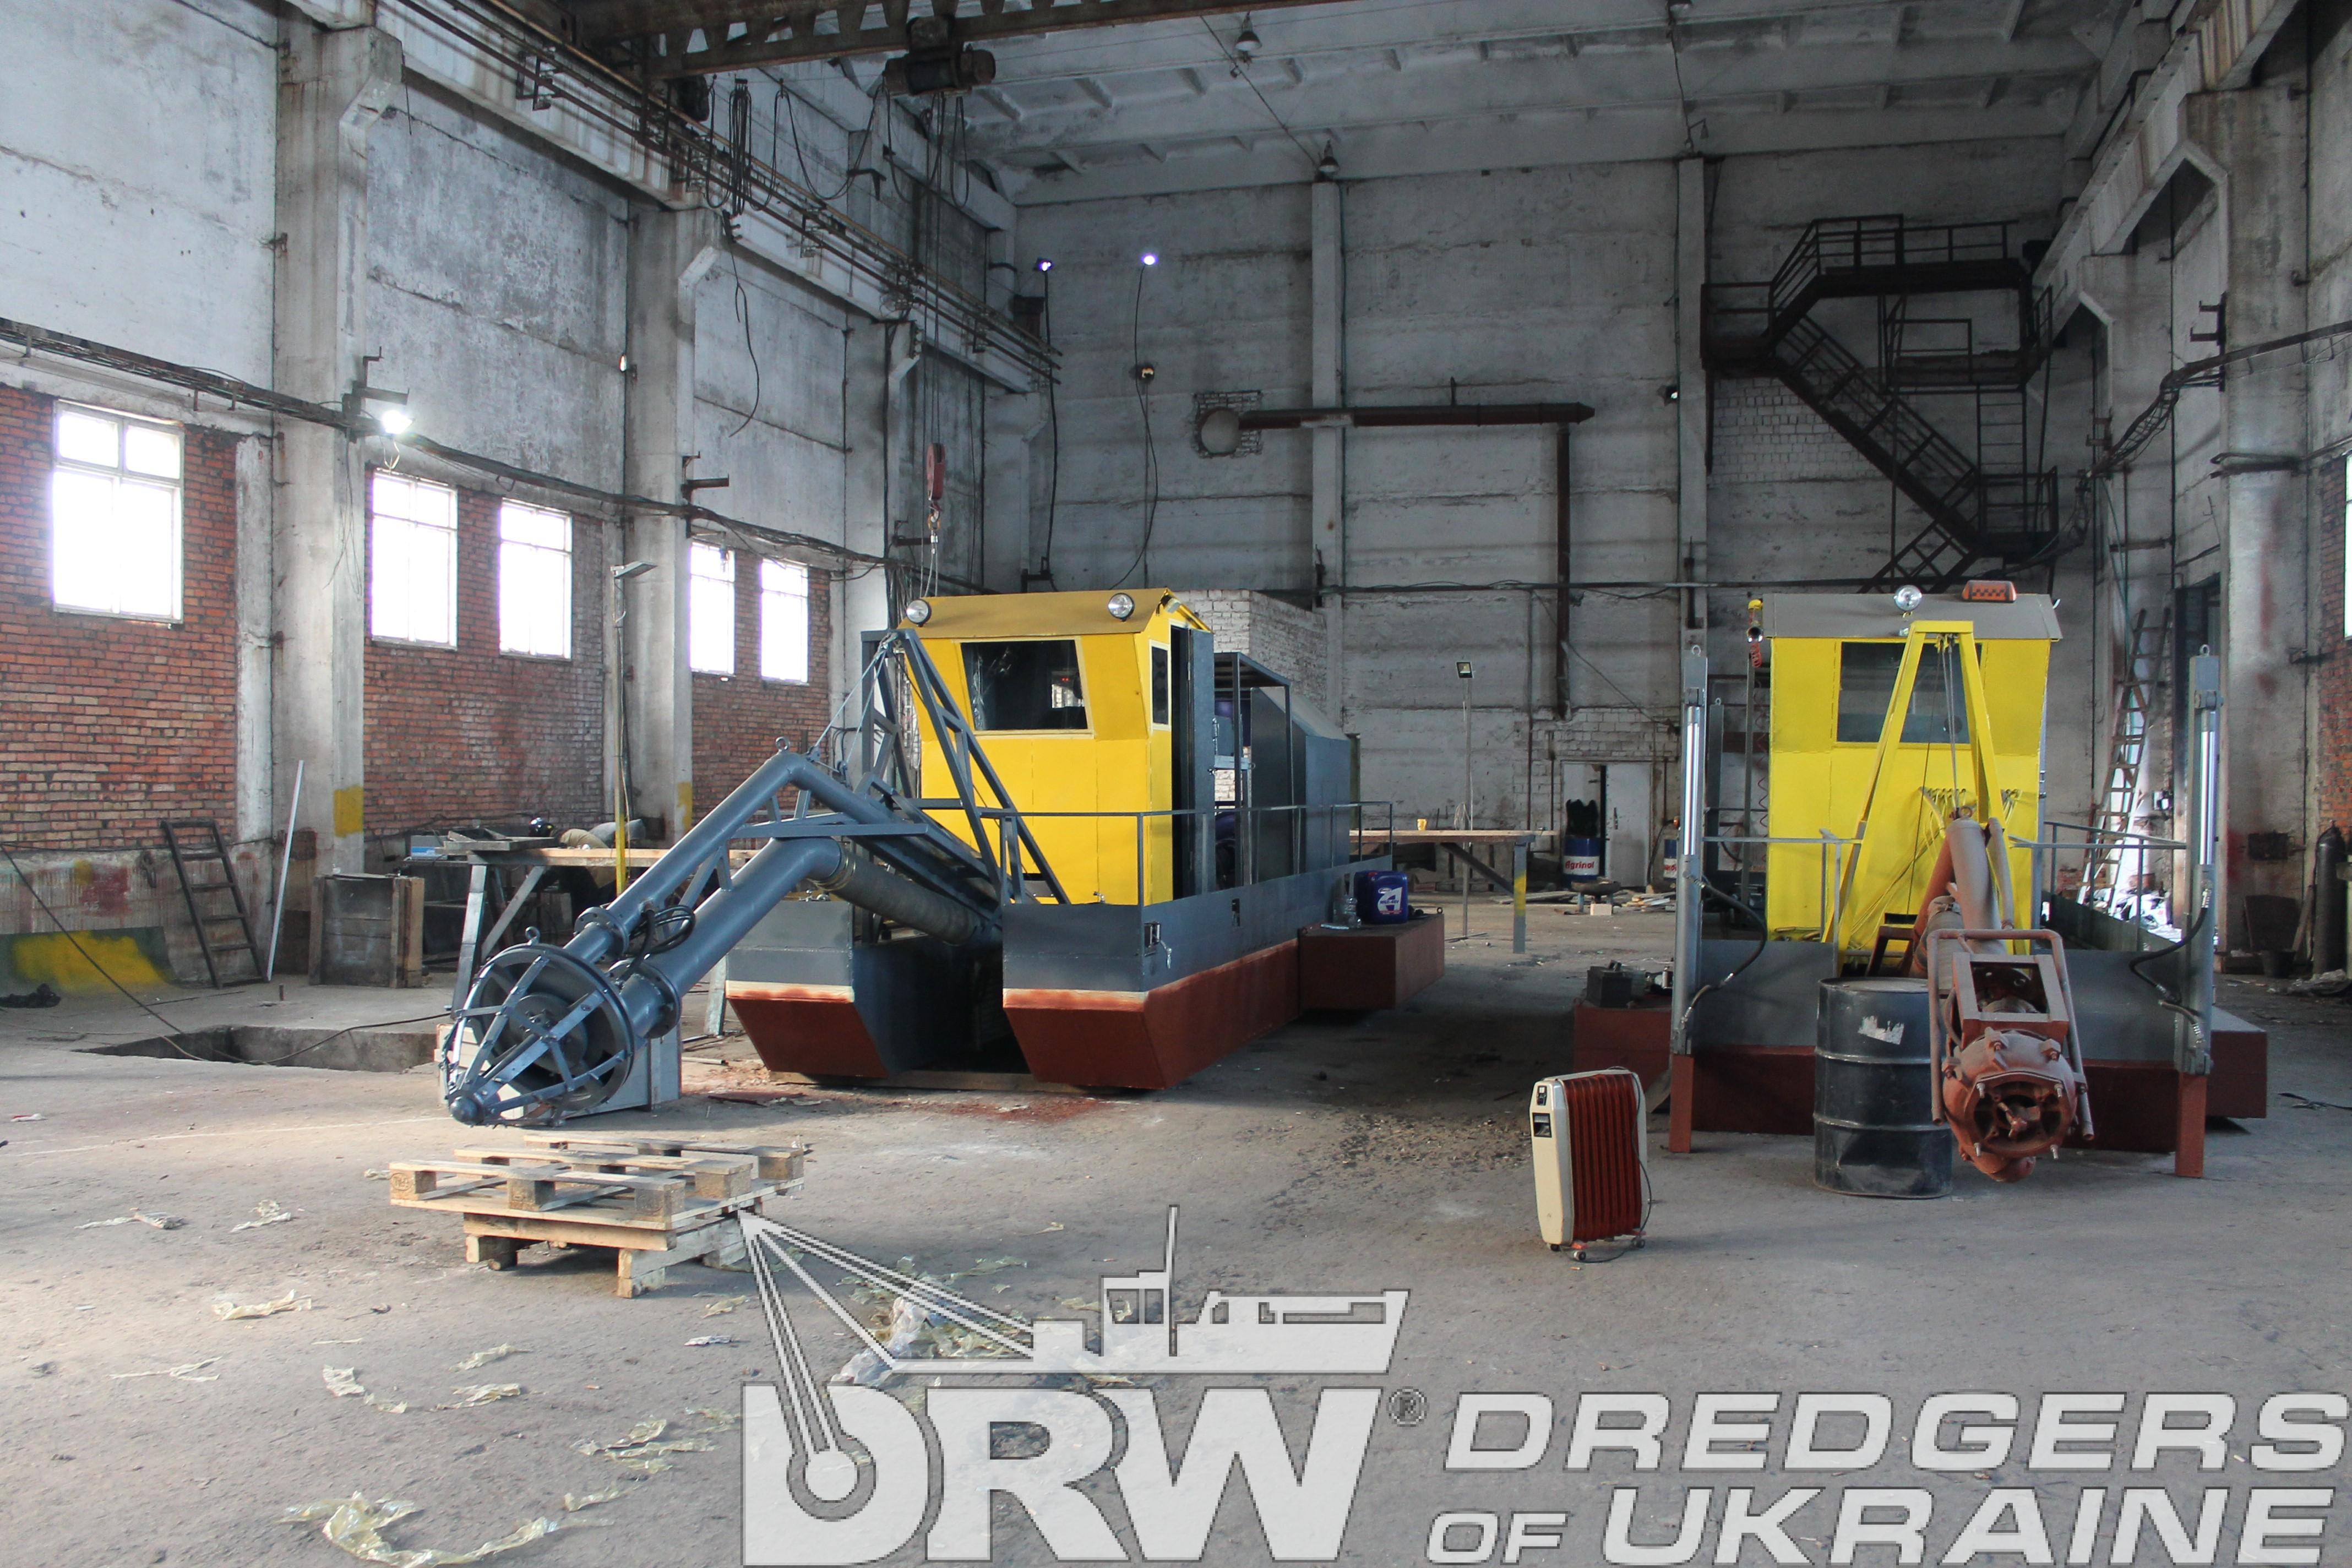 Dredgers DRW-400/20D Image